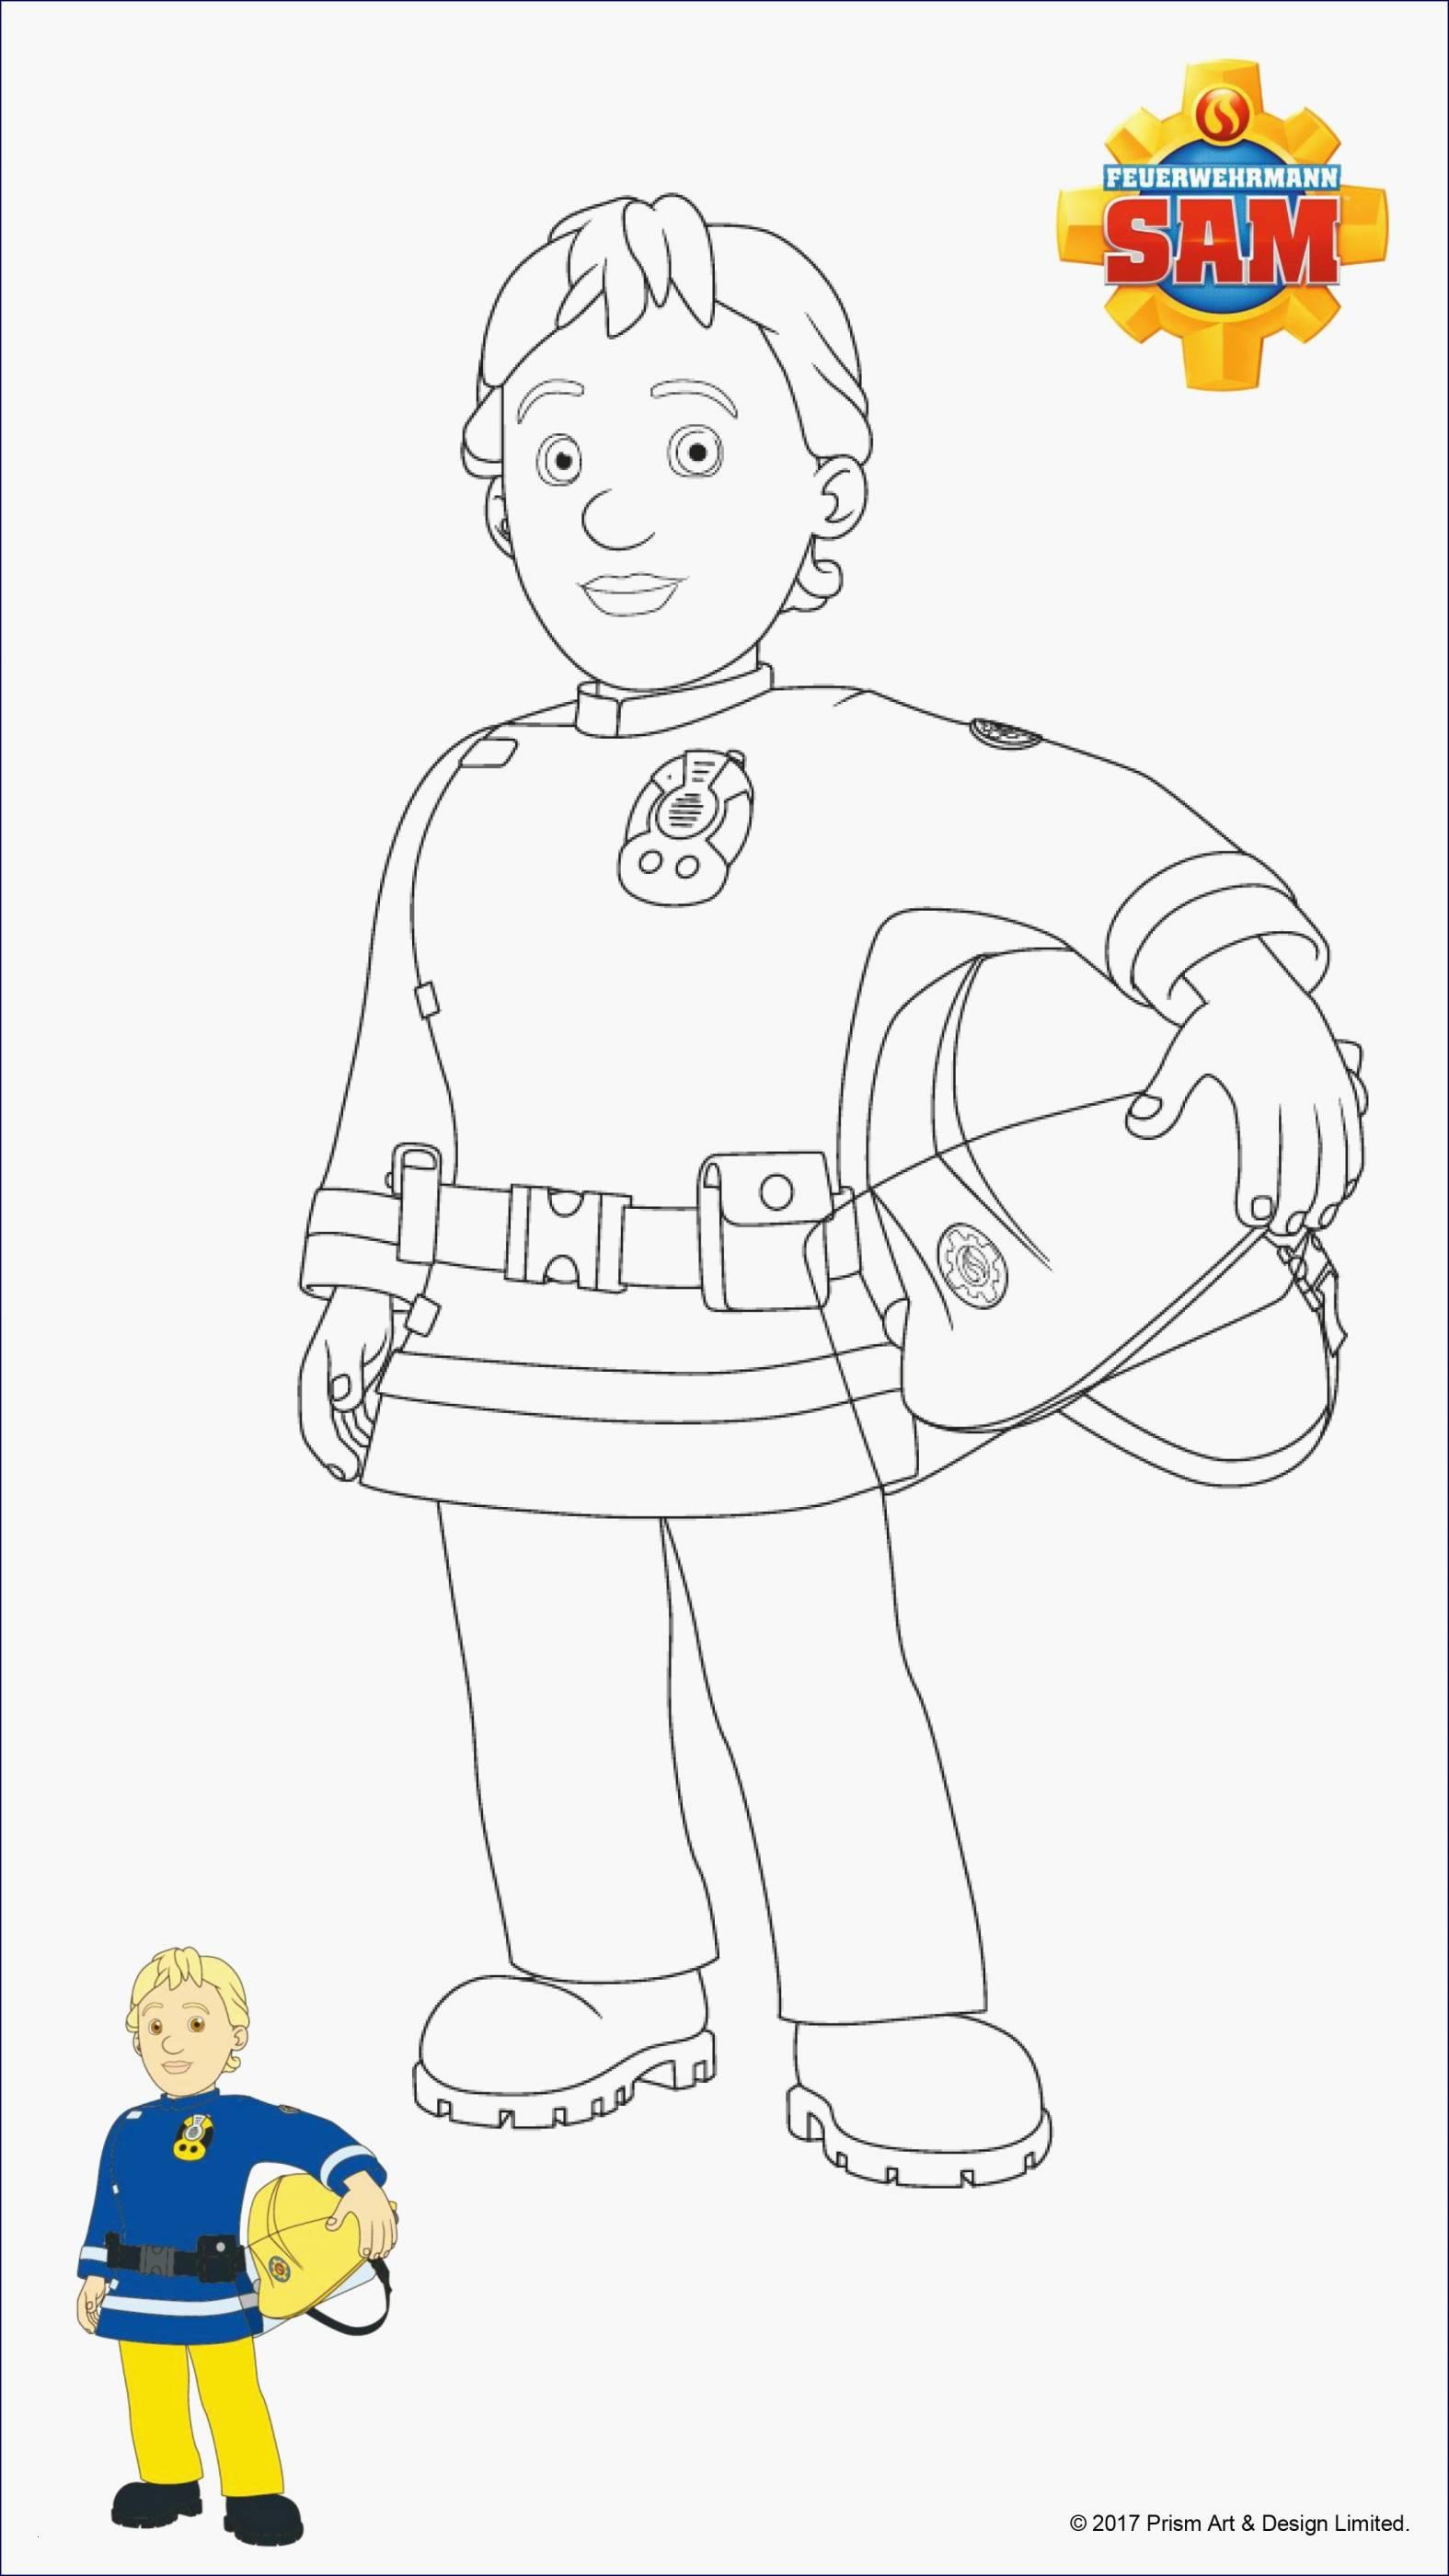 Feuerwehrmann Sam Bilder Drucken Neu 40 Ausmalbilder Sam Der Feuerwehrmann forstergallery Stock